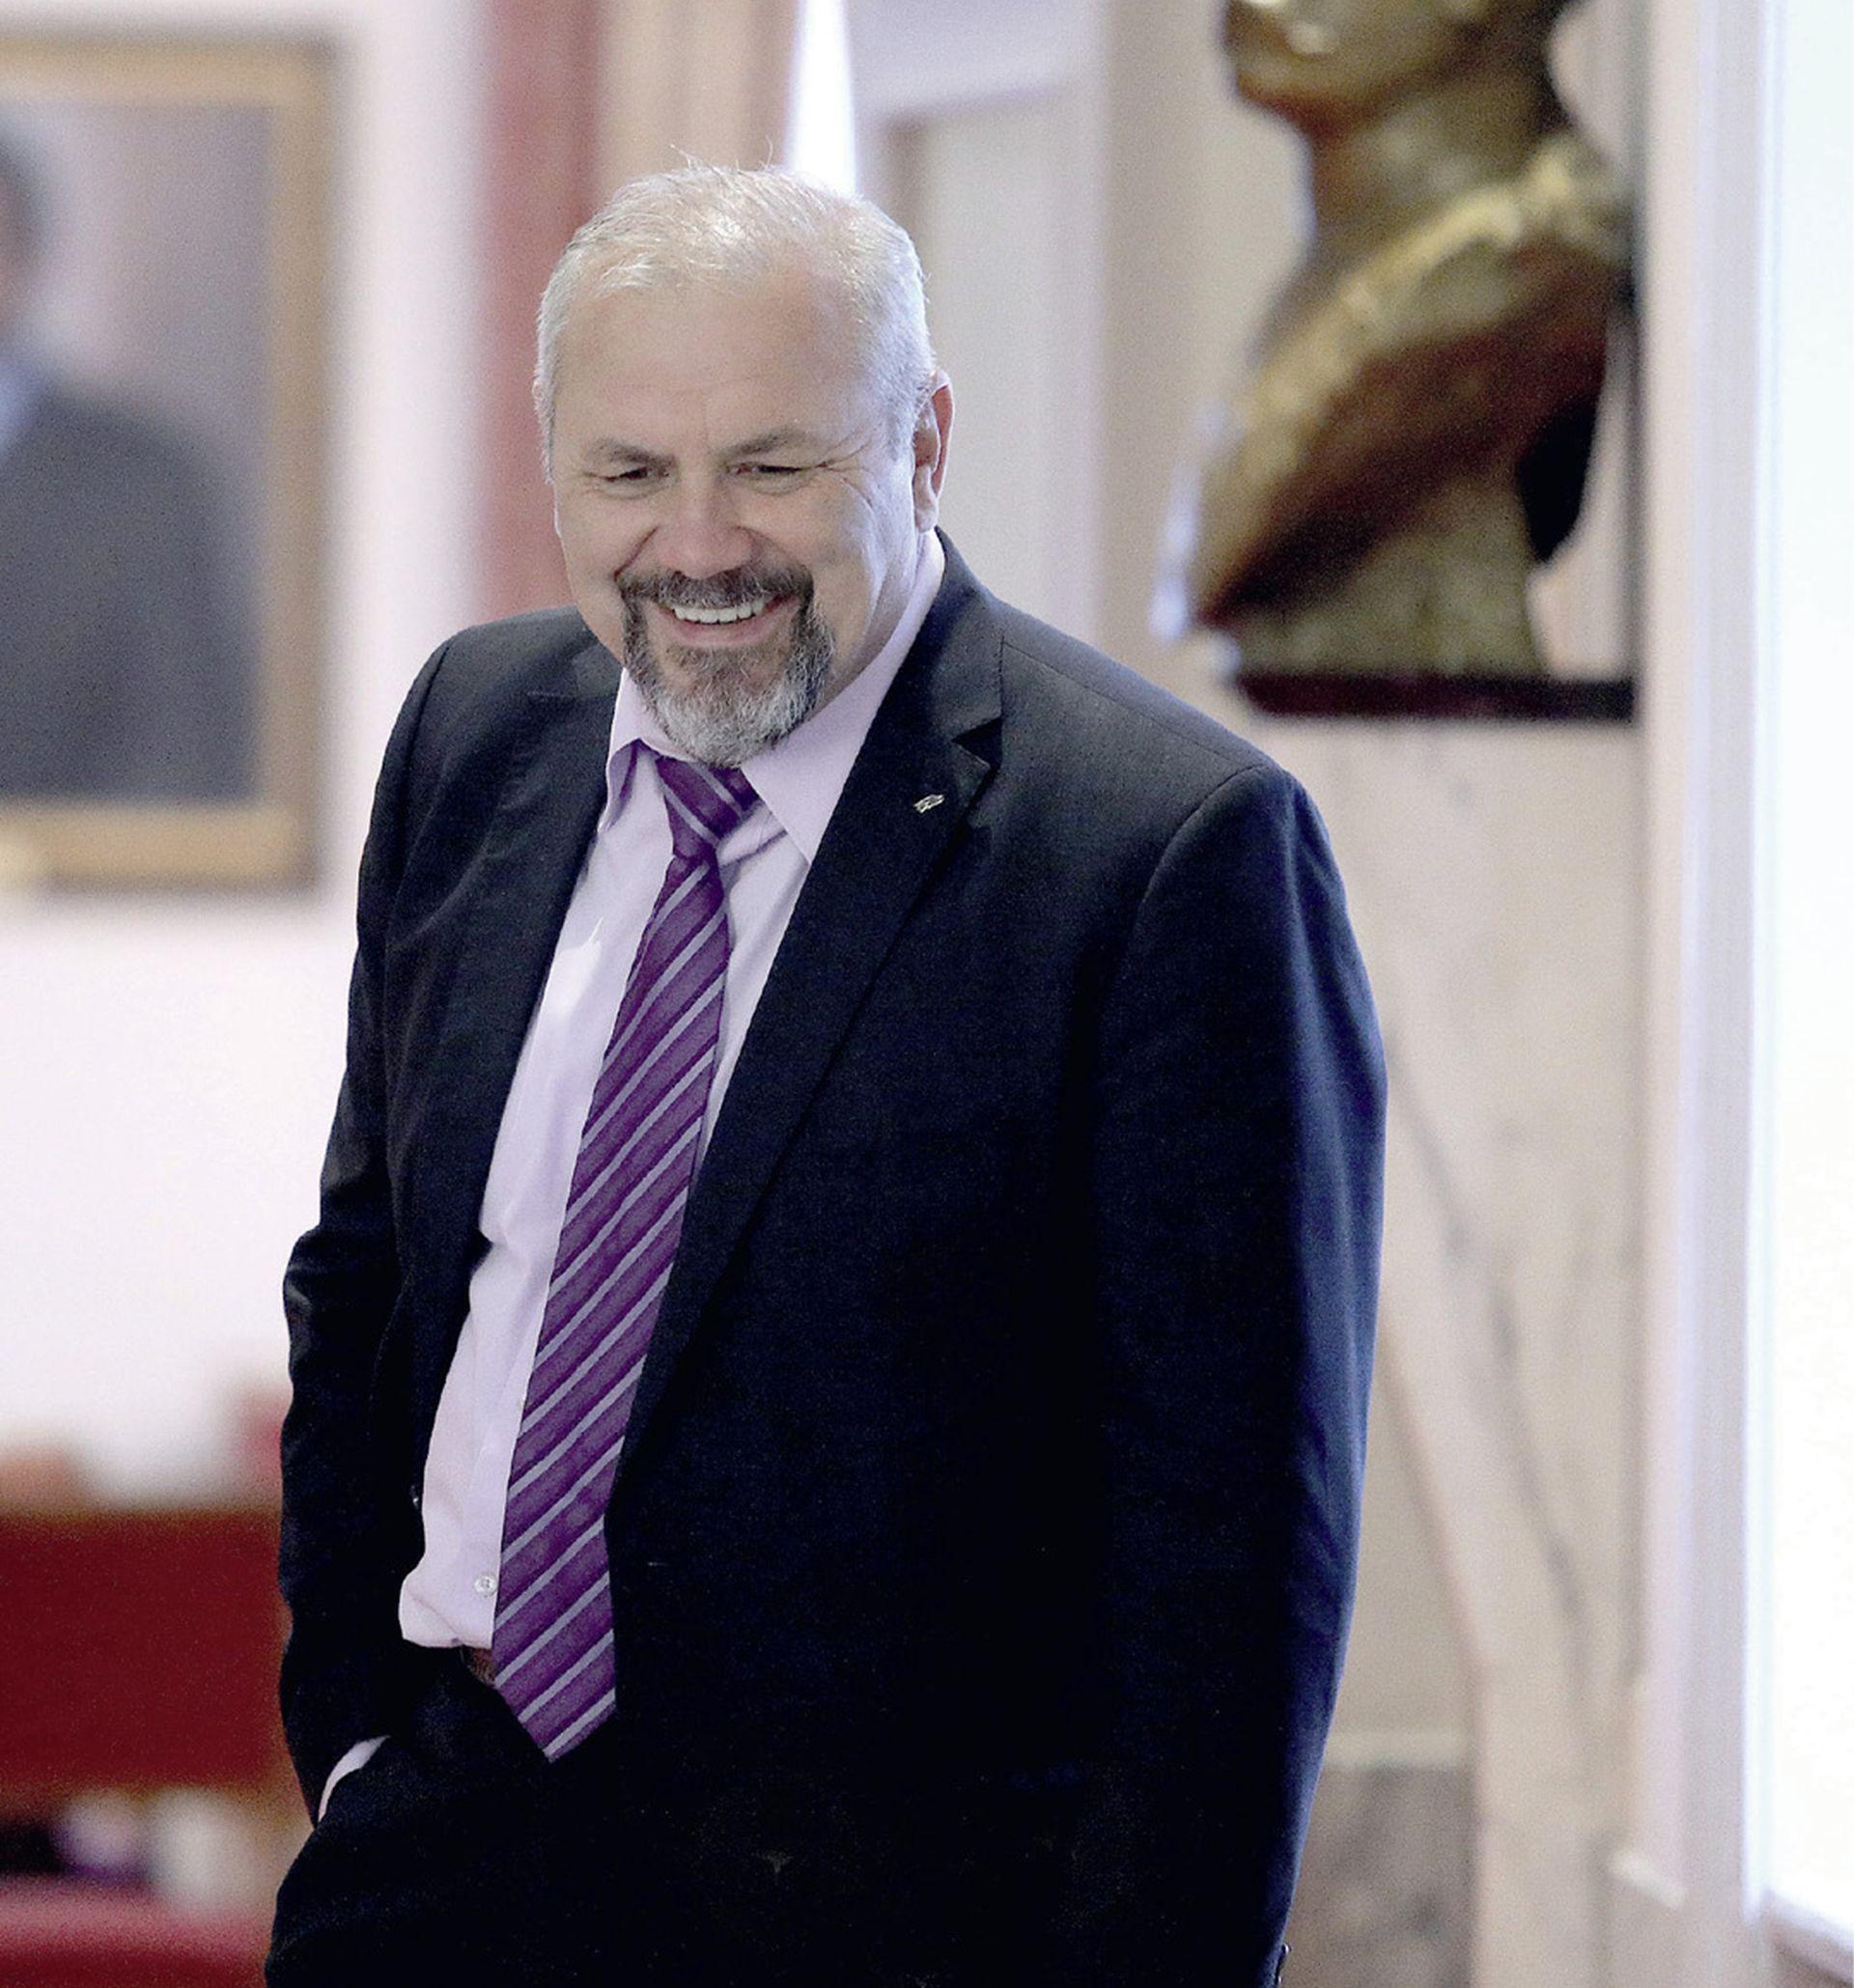 POLITIČKU TRGOVINU Hrelje i Plenkovića porezni obveznici platit će 40 milijuna eura